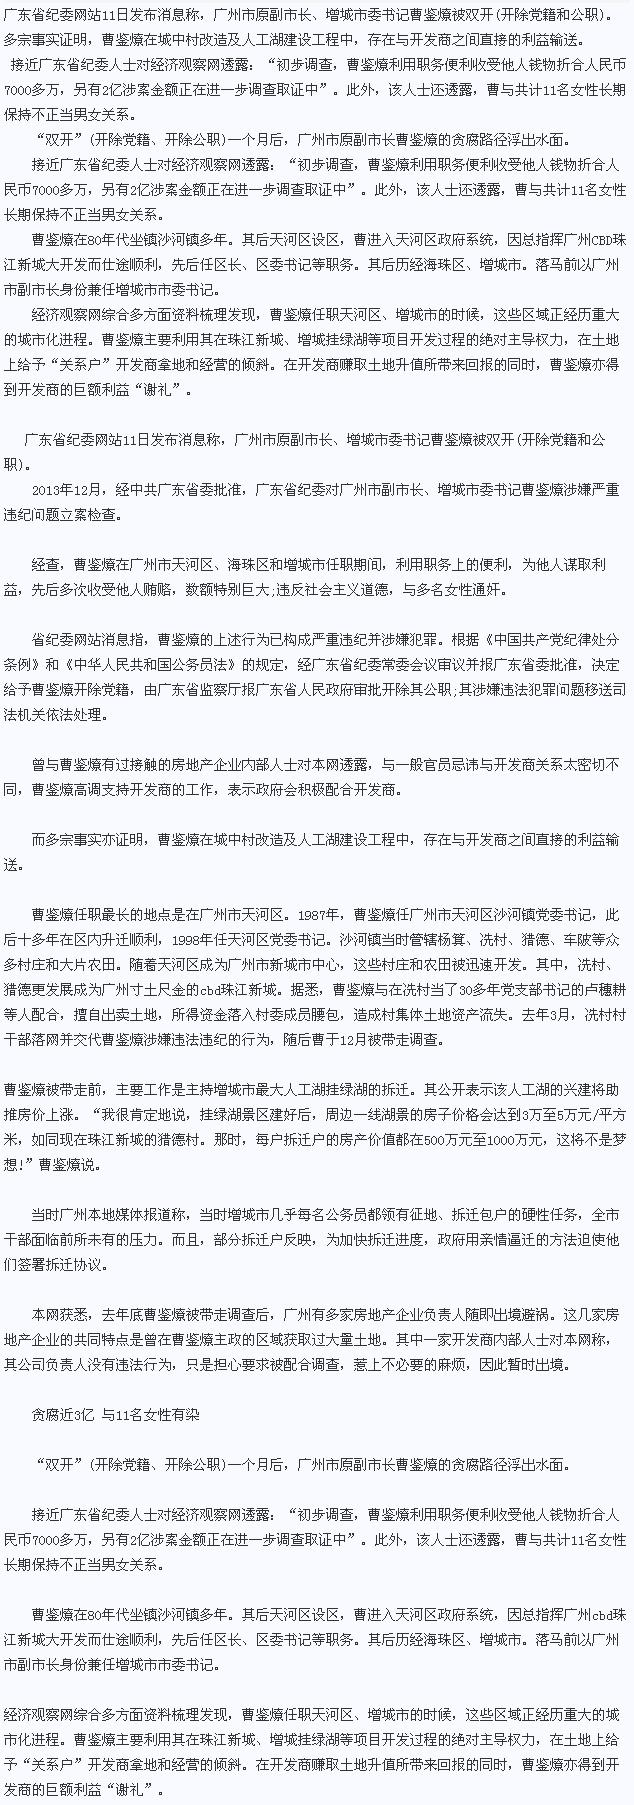 曹鉴燎被抓出事了 广州市副市长曹鉴燎情人情